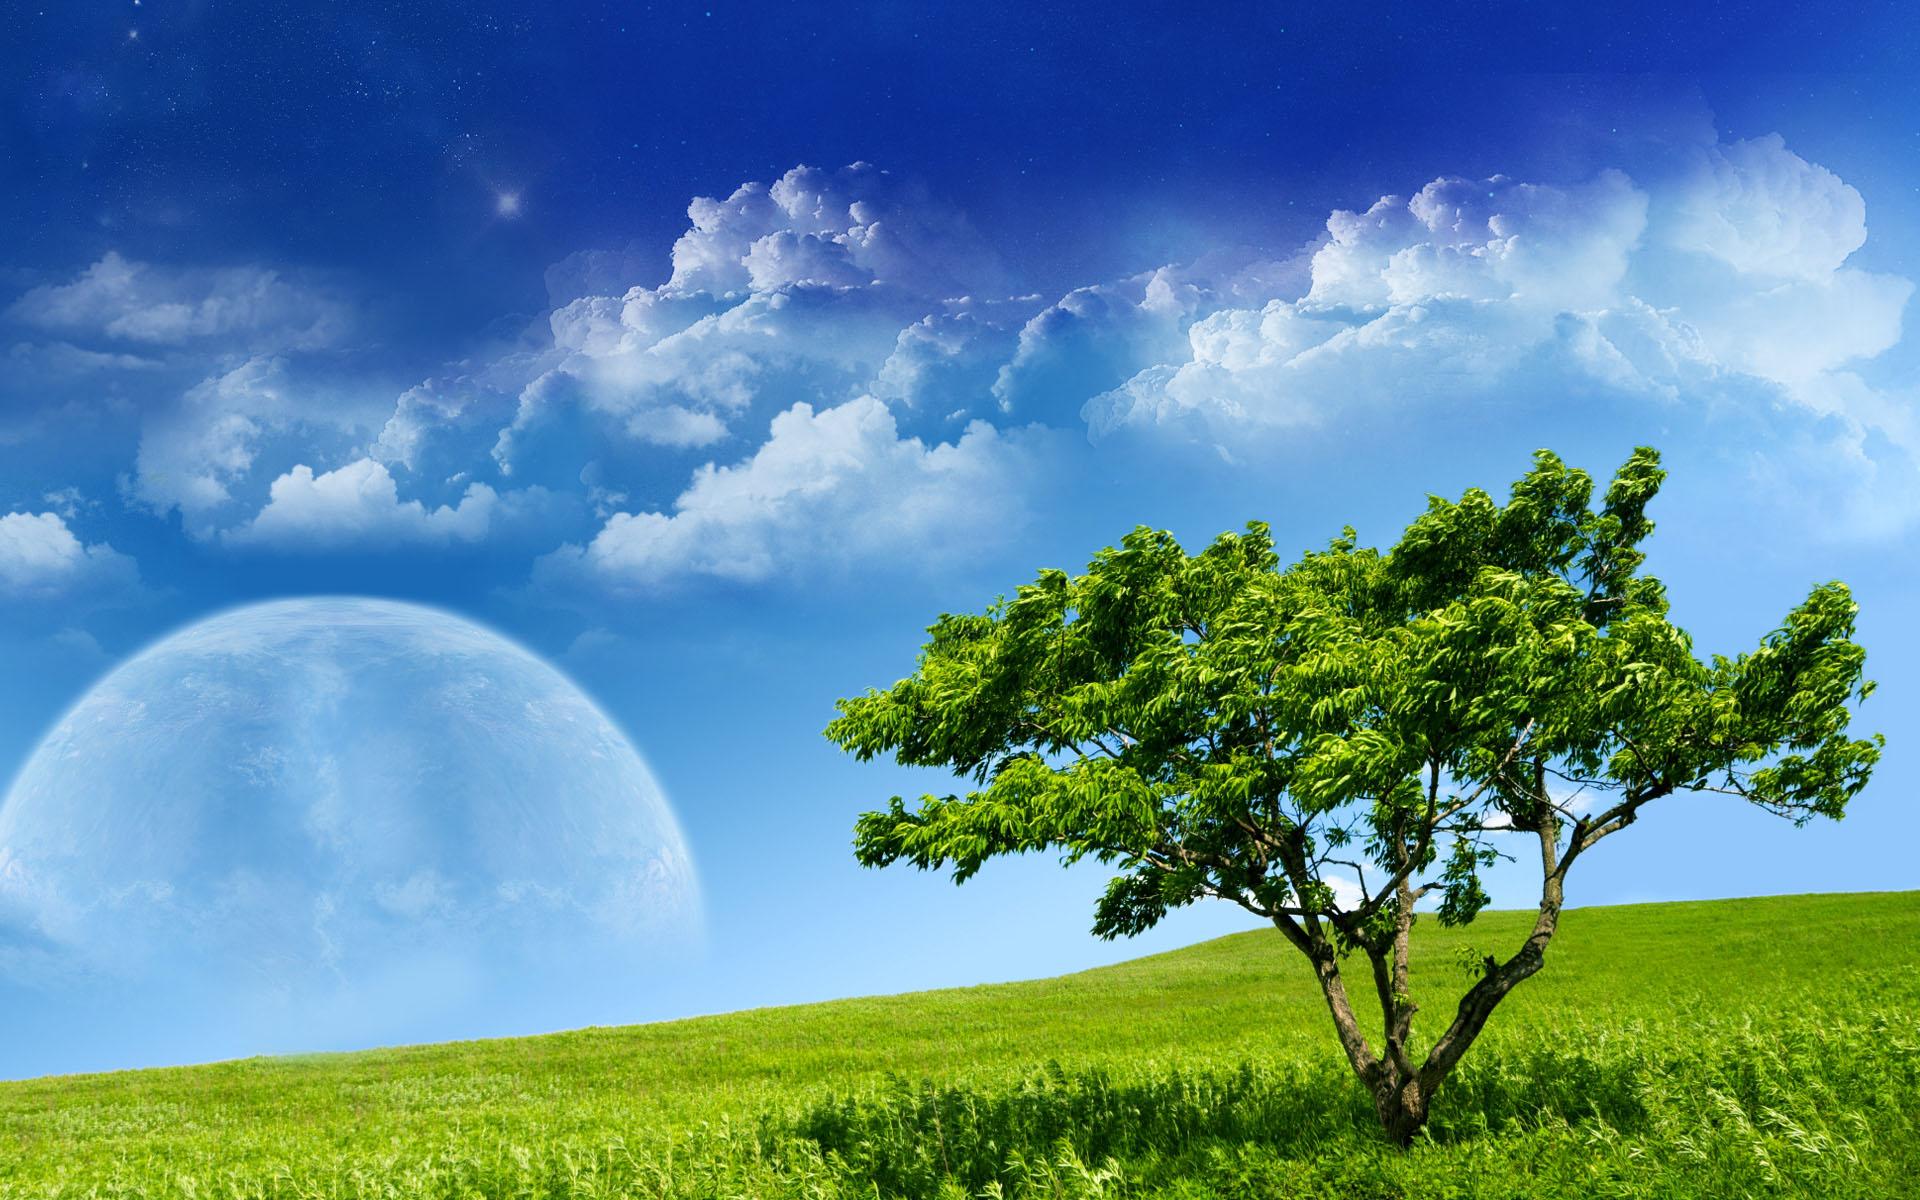 Beautiful Spring Pictures beautiful spring nature desktop wallpaper - wallpapersafari